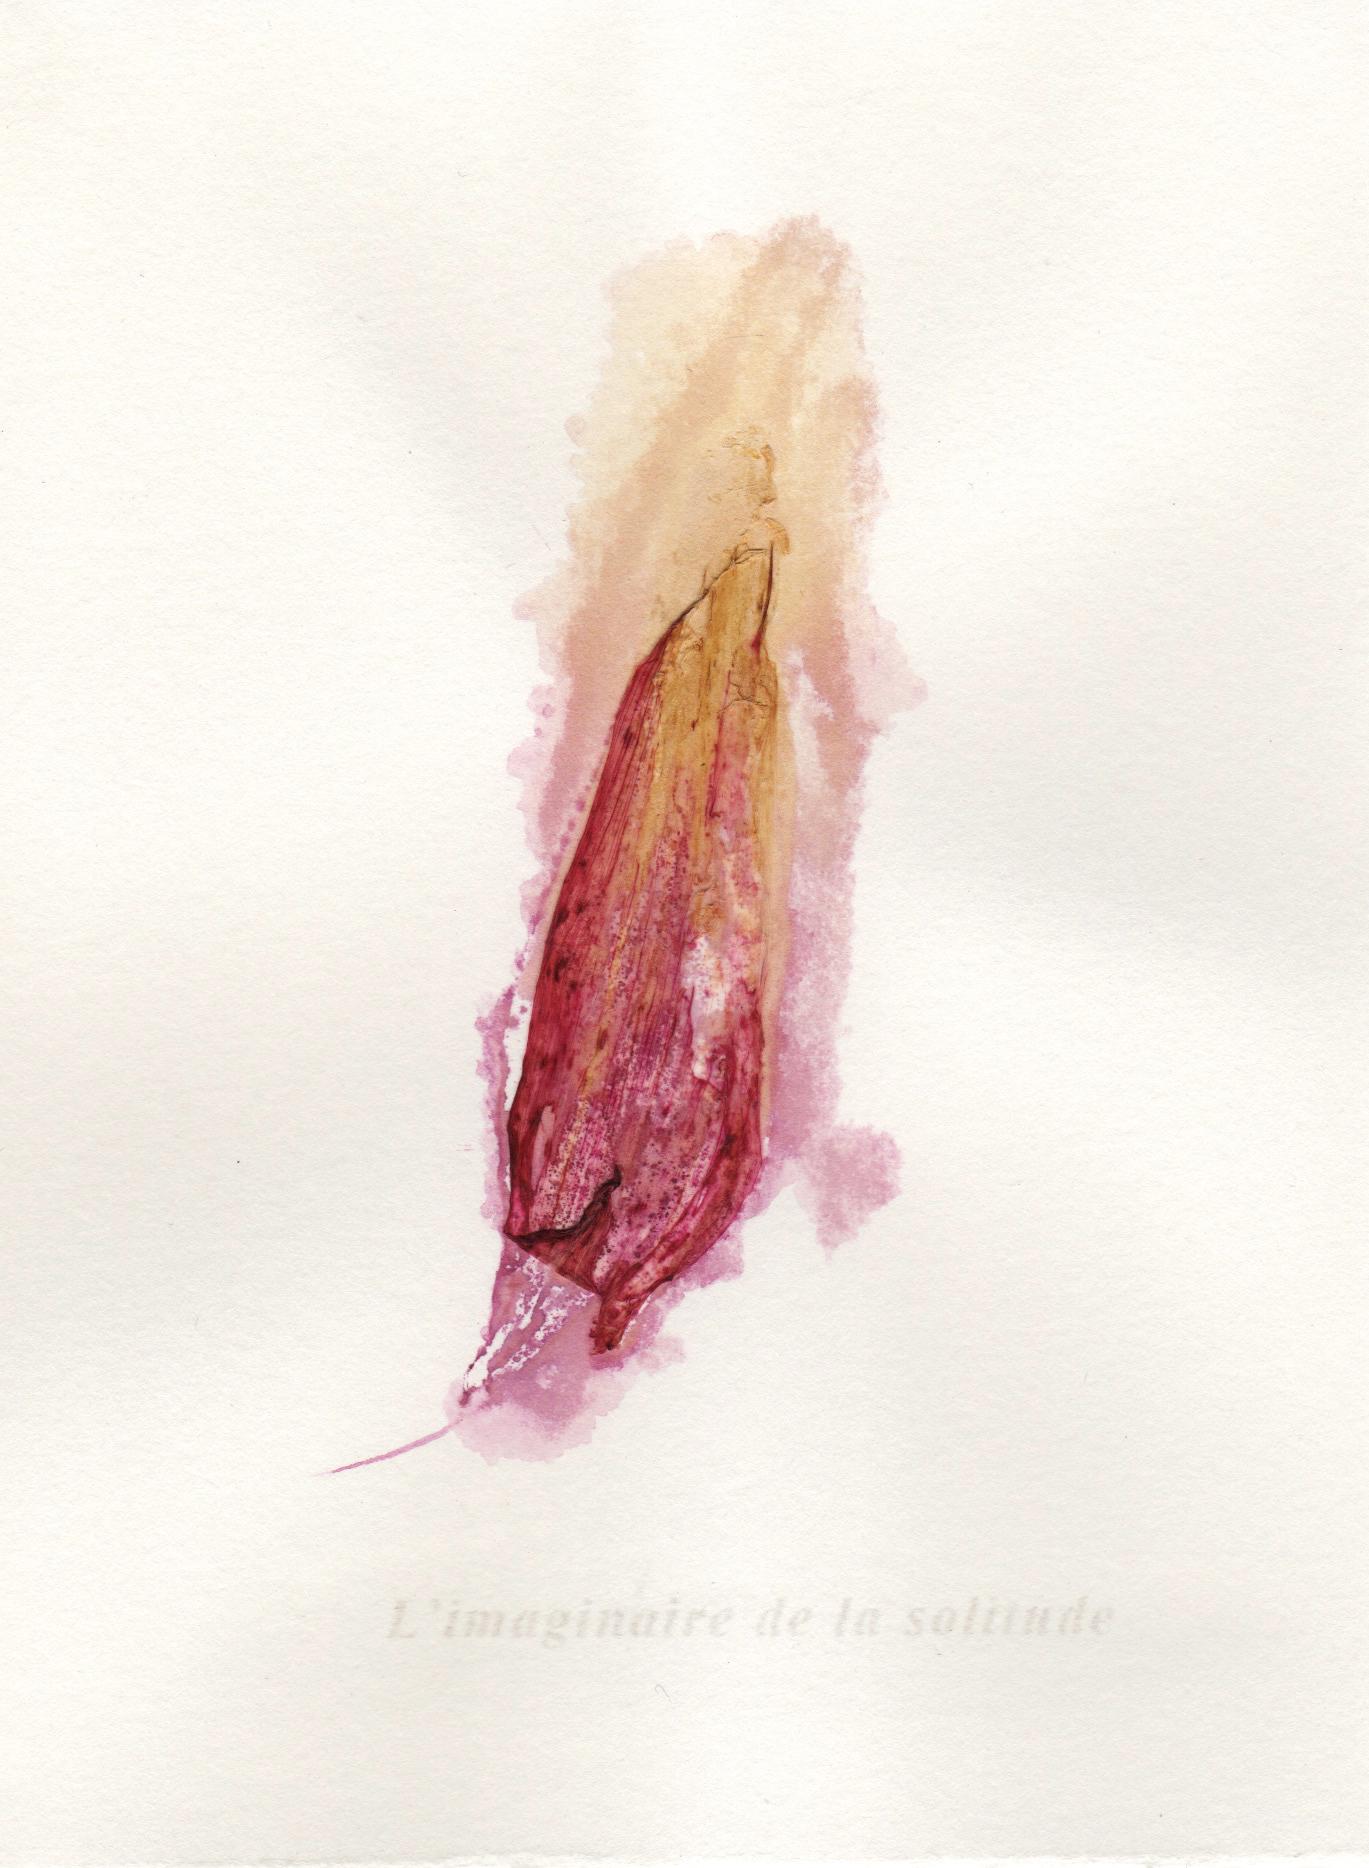 """Jérémie Bennequin, """"L'imaginaire de la solitude"""", pigment naturel de fleur sur papier,16 x 12 cm, 2016"""